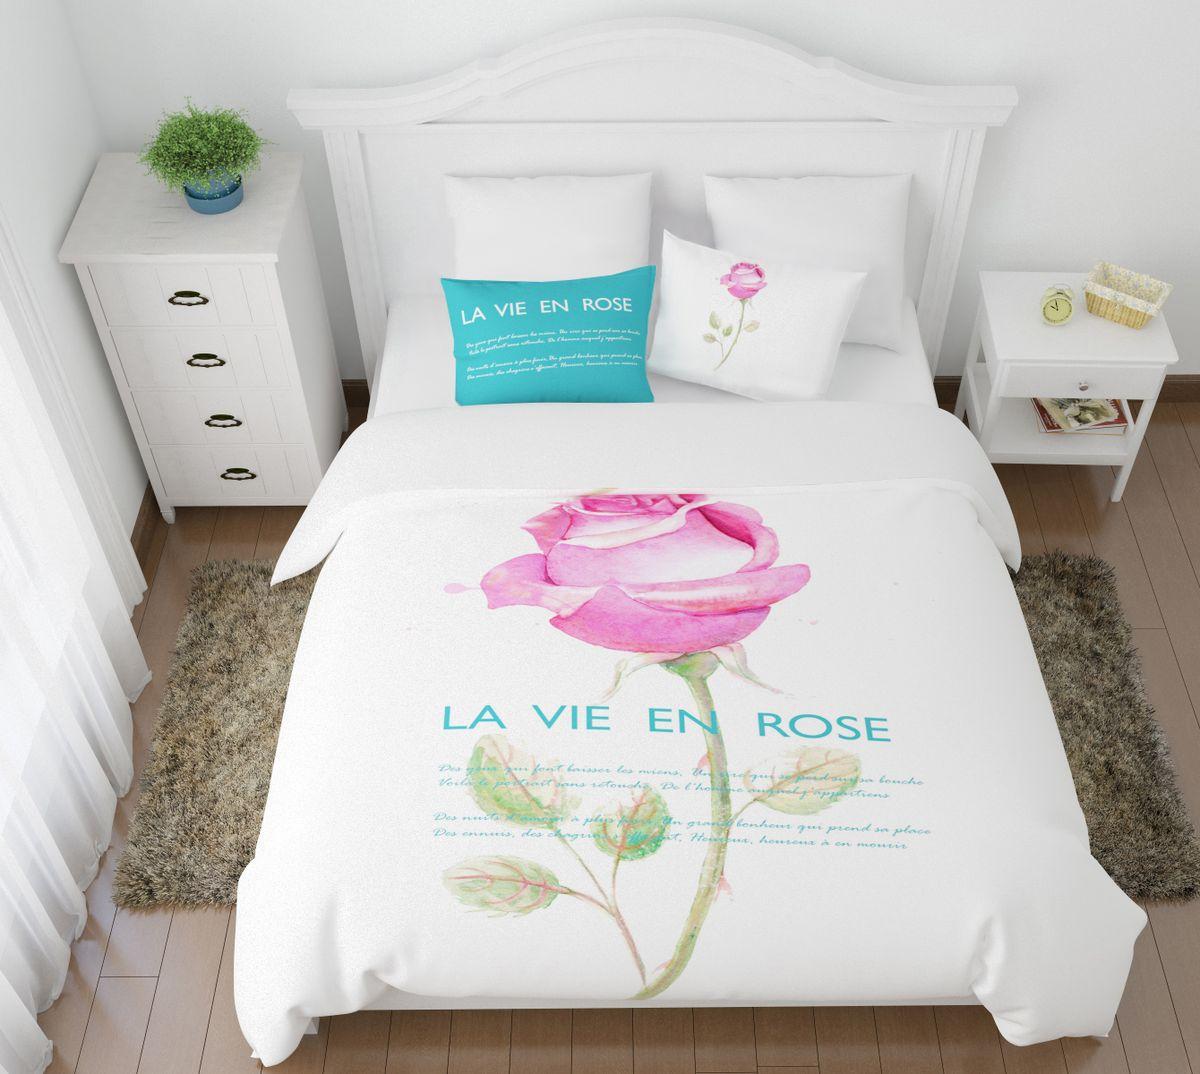 Комплект белья Сирень Жизнь в розовом цвете, 1,5-спальный, наволочки 50x70391602Комплект постельного белья Сирень состоит из простыни, пододеяльника и 2 наволочек. Комплект выполнен из современных гипоаллергенных материалов. Приятный при прикосновении сатин - гарантия здорового, спокойного сна. Ткань хорошо впитывает влагу, надолго сохраняет яркость красок. Четкий, изящный рисунок в сочетании с насыщенными красками делает комплект постельного белья неповторимой изюминкой любого интерьера. Постельное белье идеально подойдет для подарка.